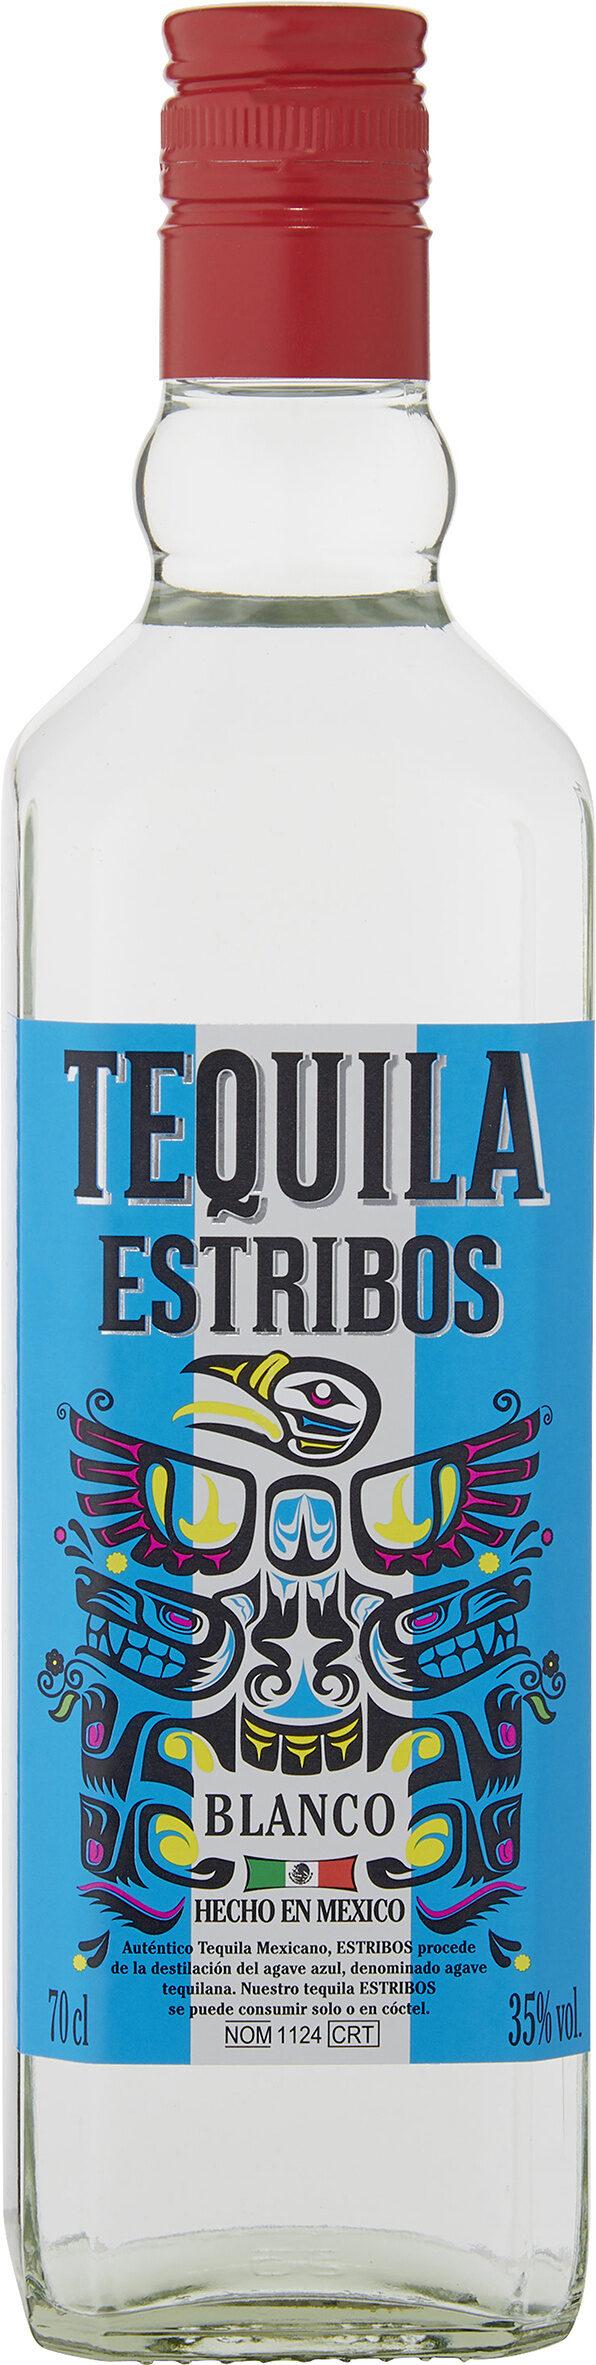 Tequila estribos - Produit - fr